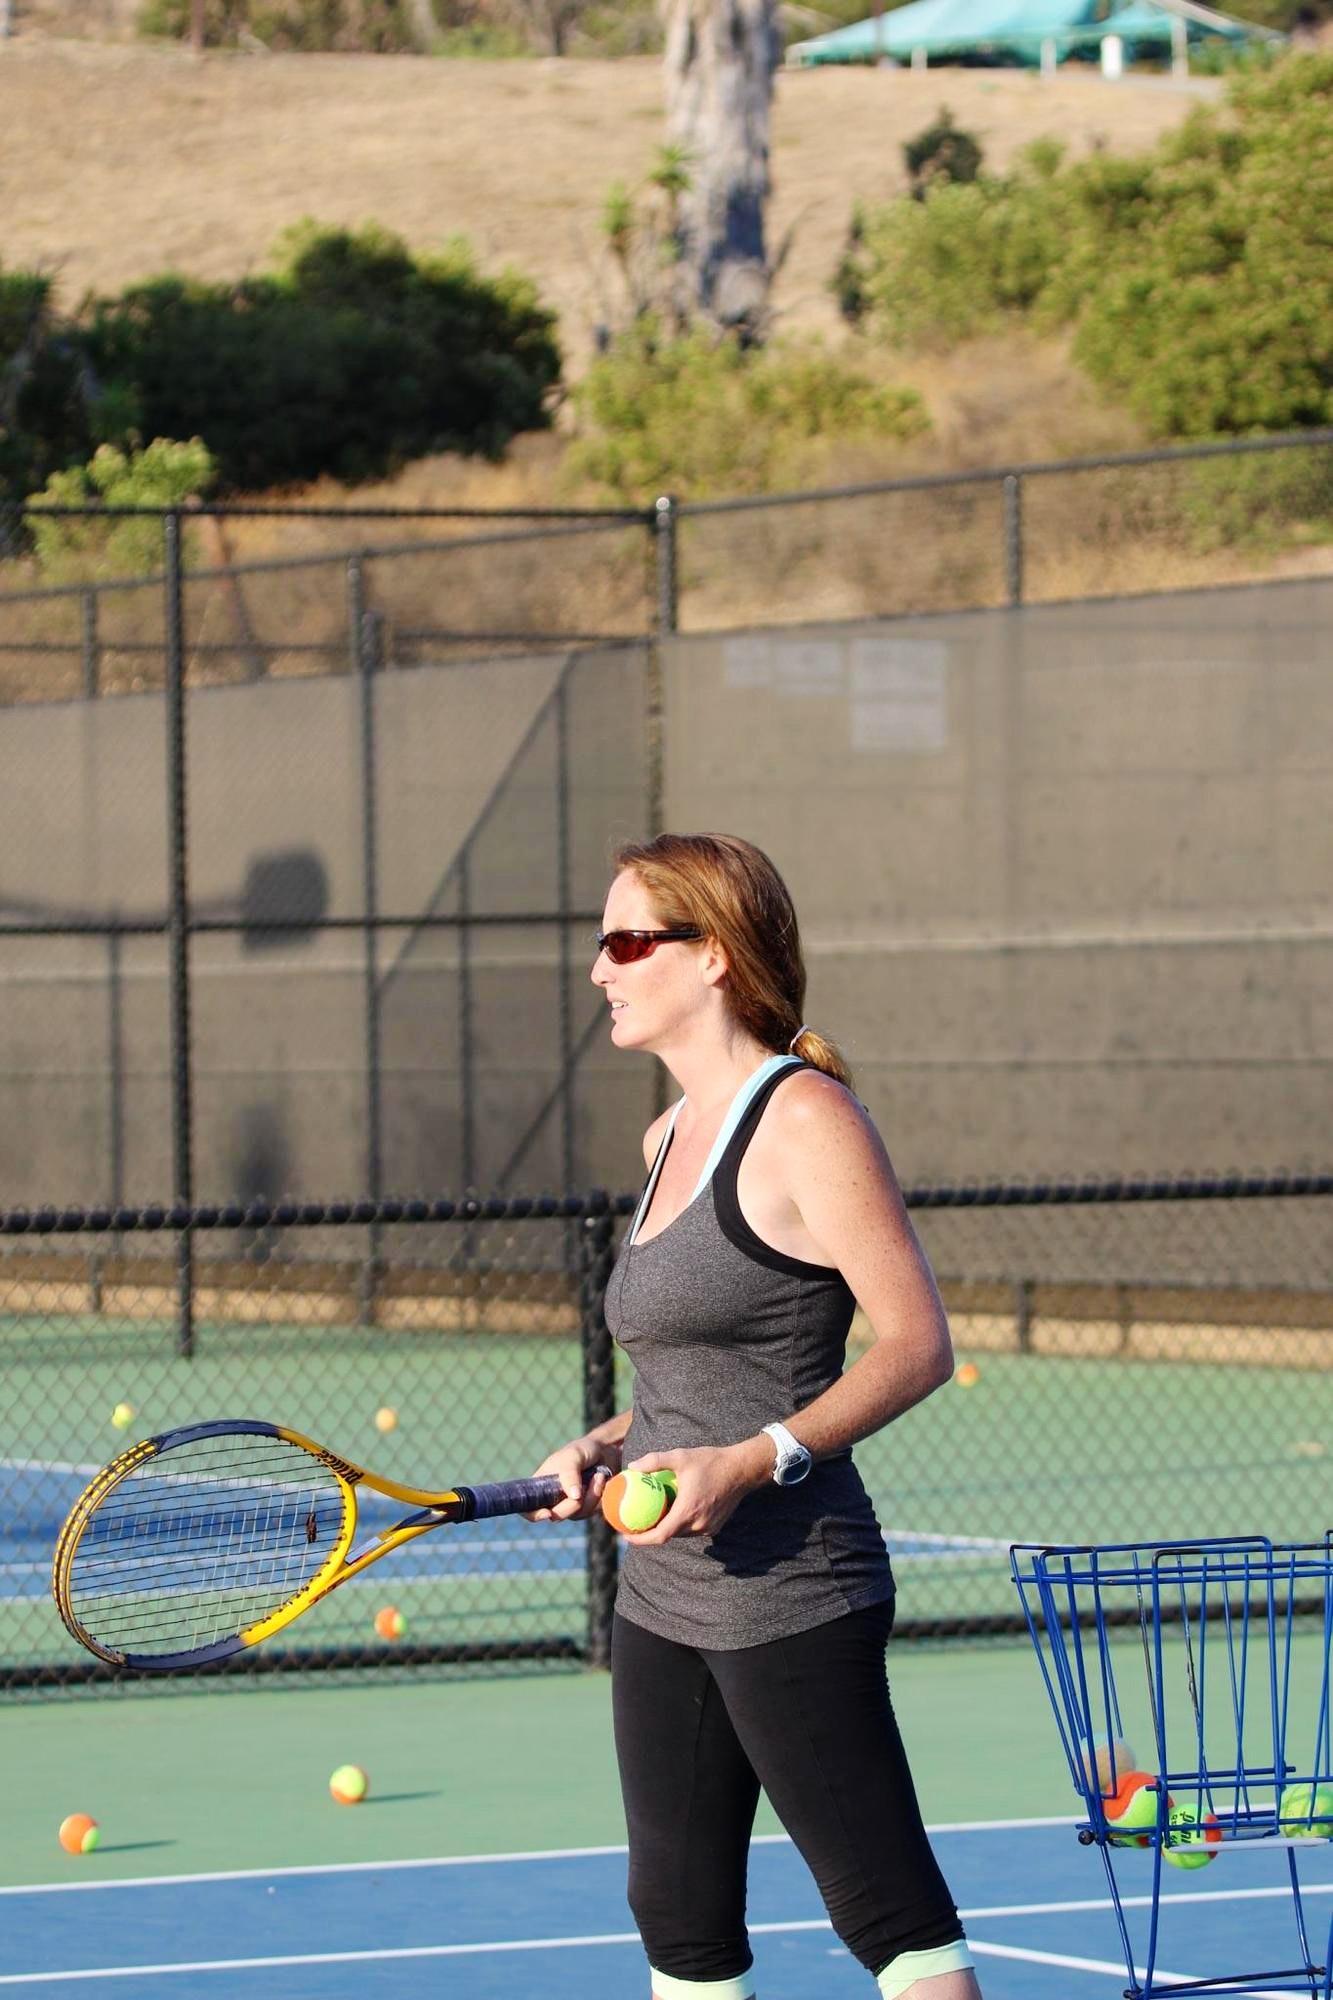 Margarita teaches tennis lessons in Costa Mesa, CA